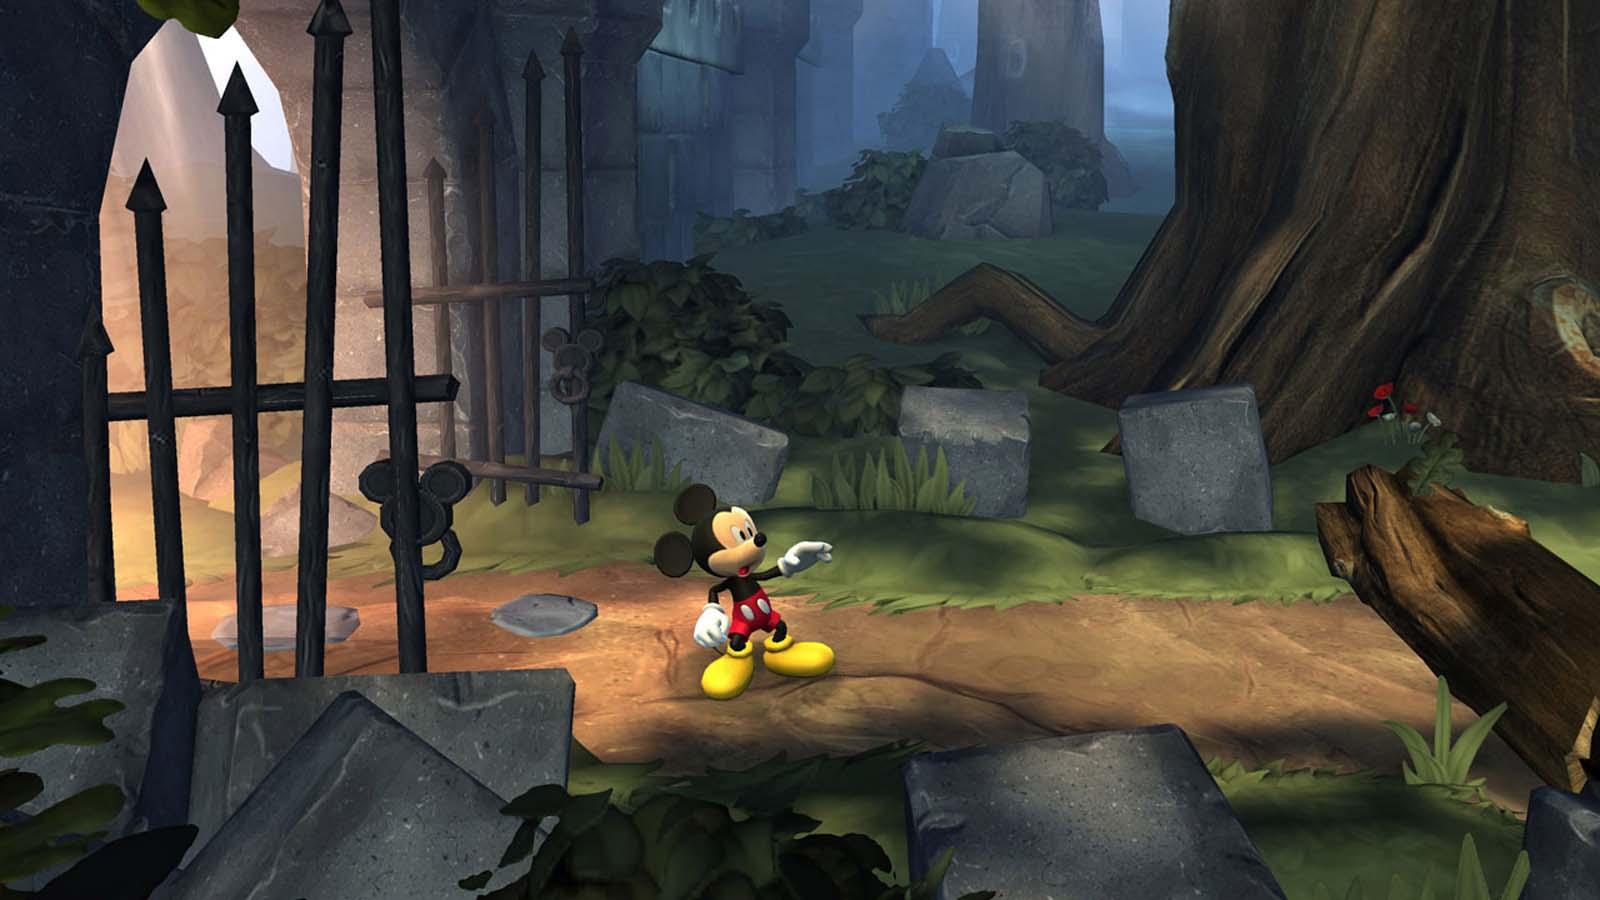 تحميل لعبة Castle Of lllusion مضغوطة برابط واحد مباشر + تورنت كاملة مجانا